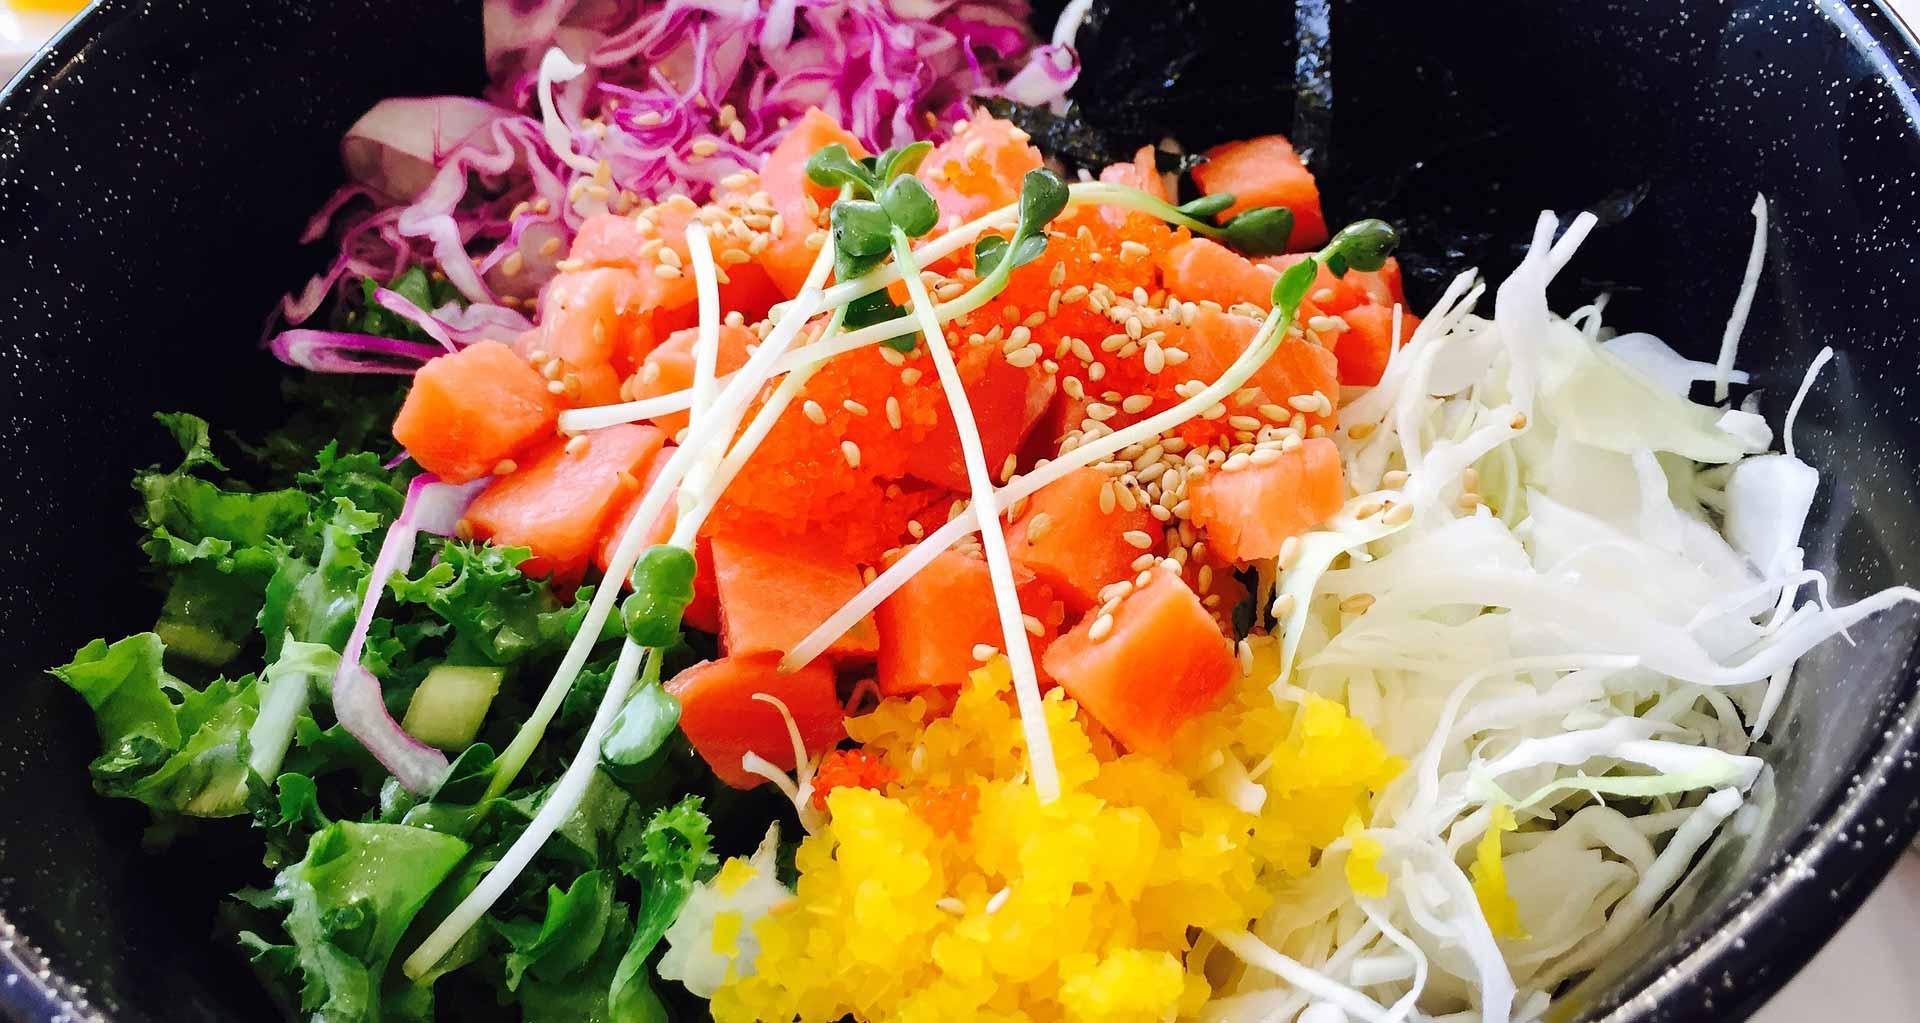 fräsch sallad med salma lax